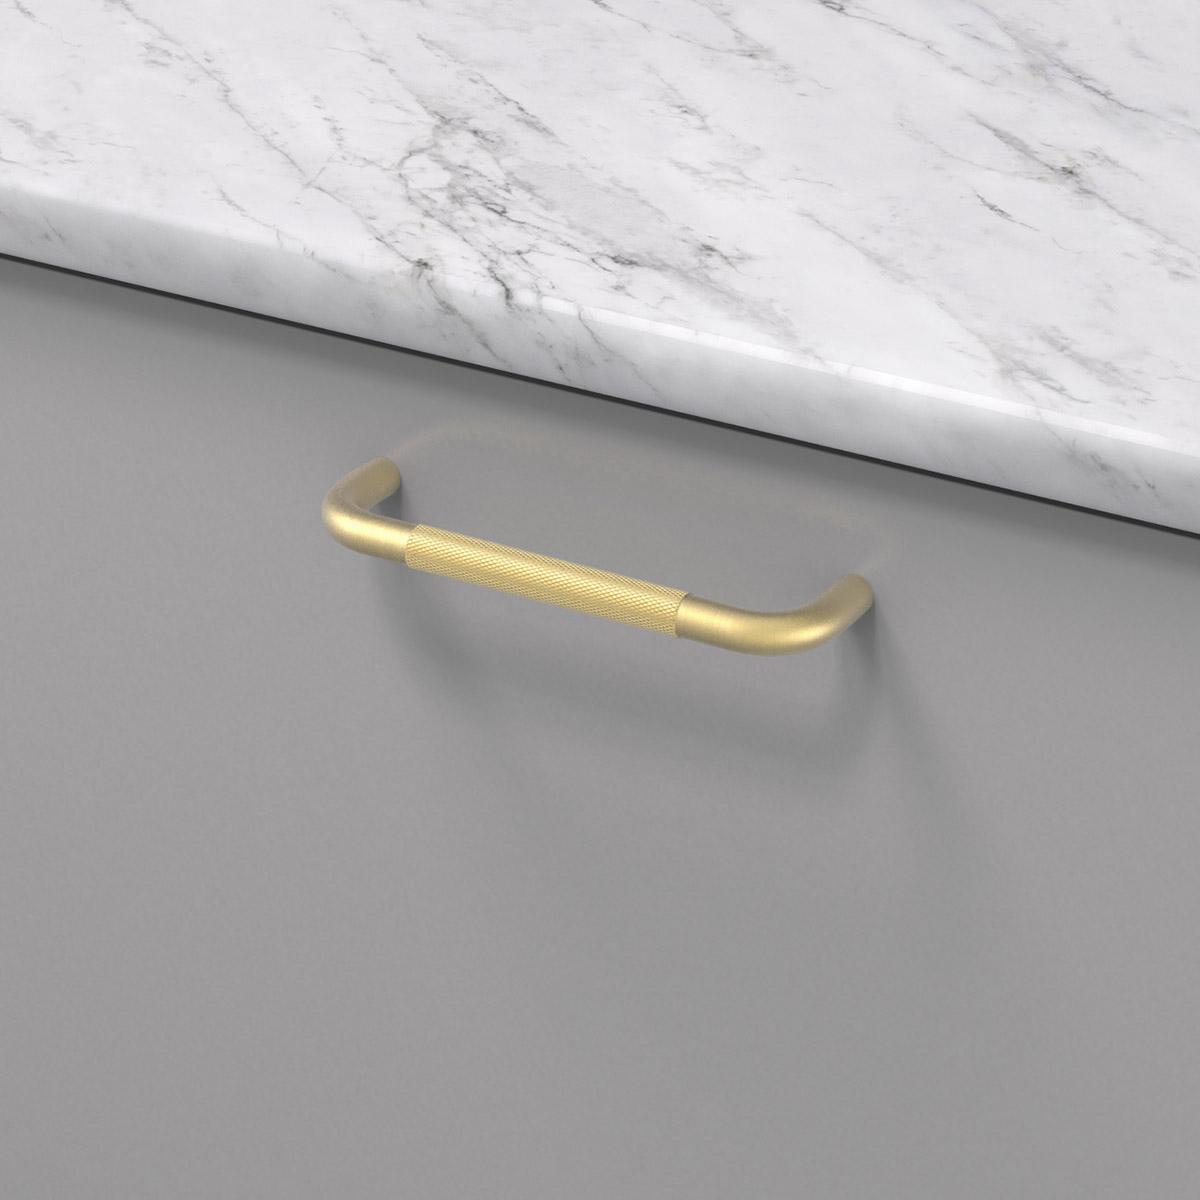 Handtag helix massing 309003 11 cc 128 mm ncs s 3000 n marmor carrara